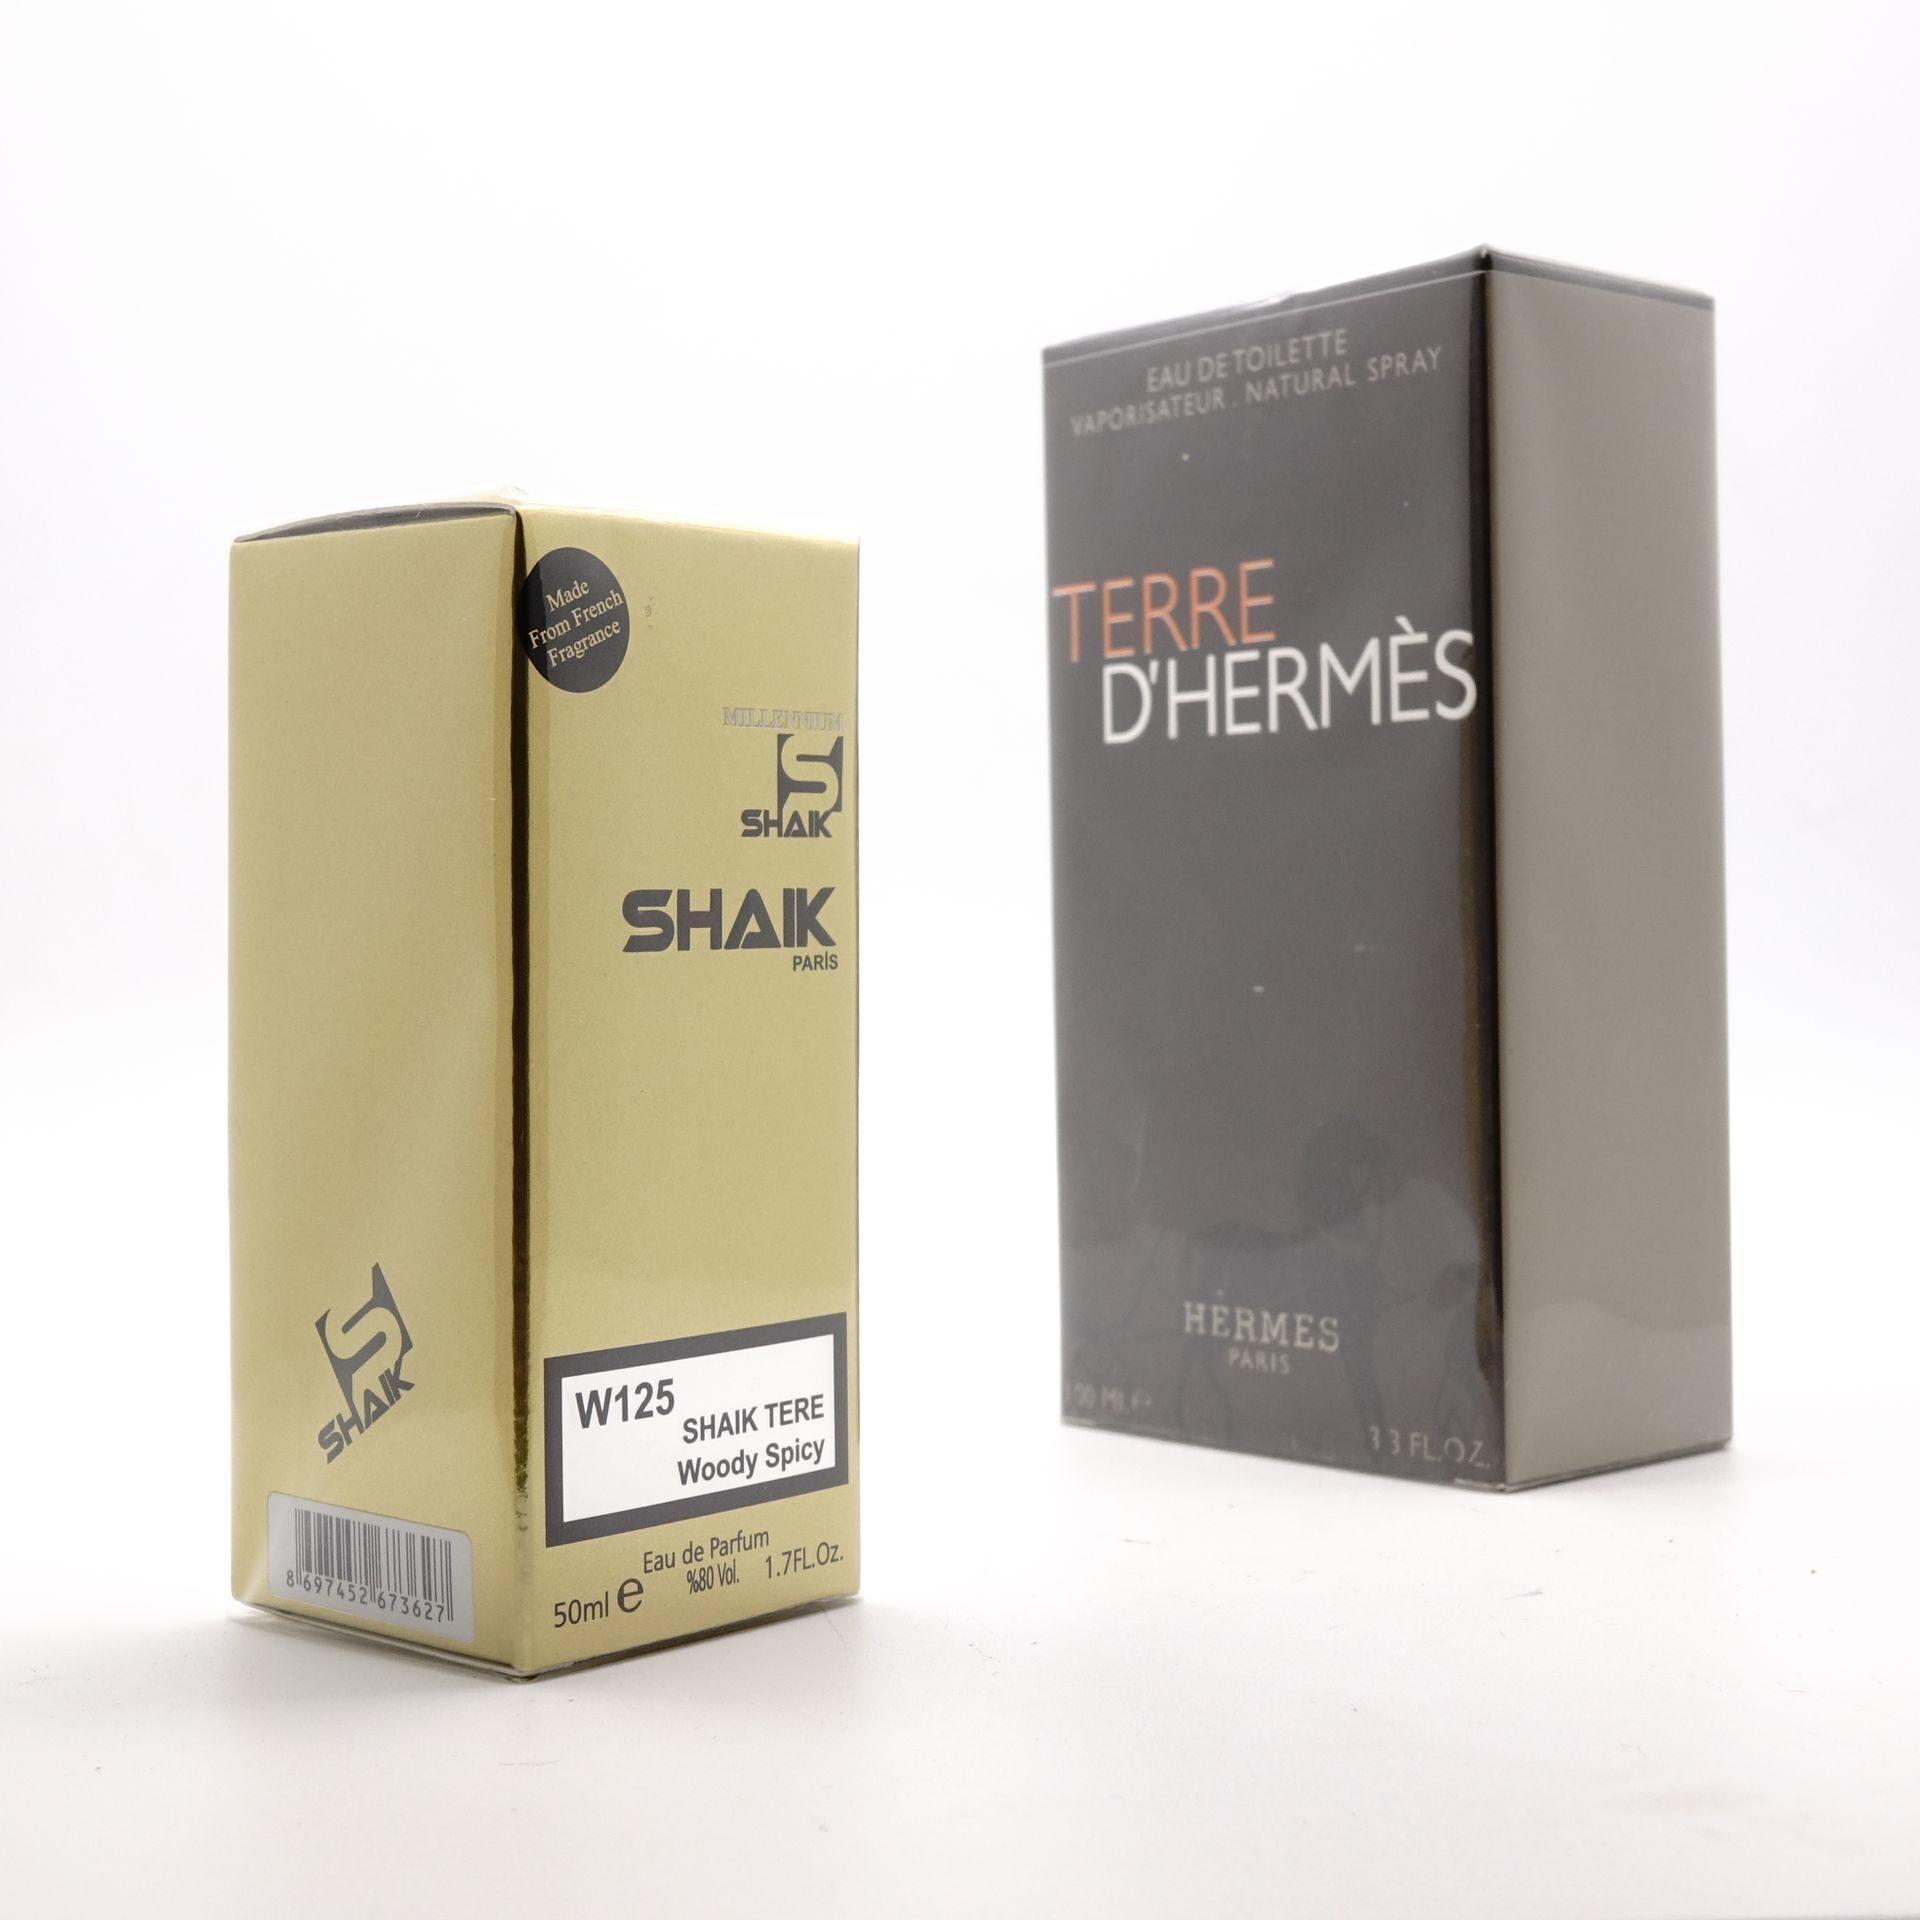 Men50ml For D'hermes M 125hermes Terre Shaik 1lJcFK